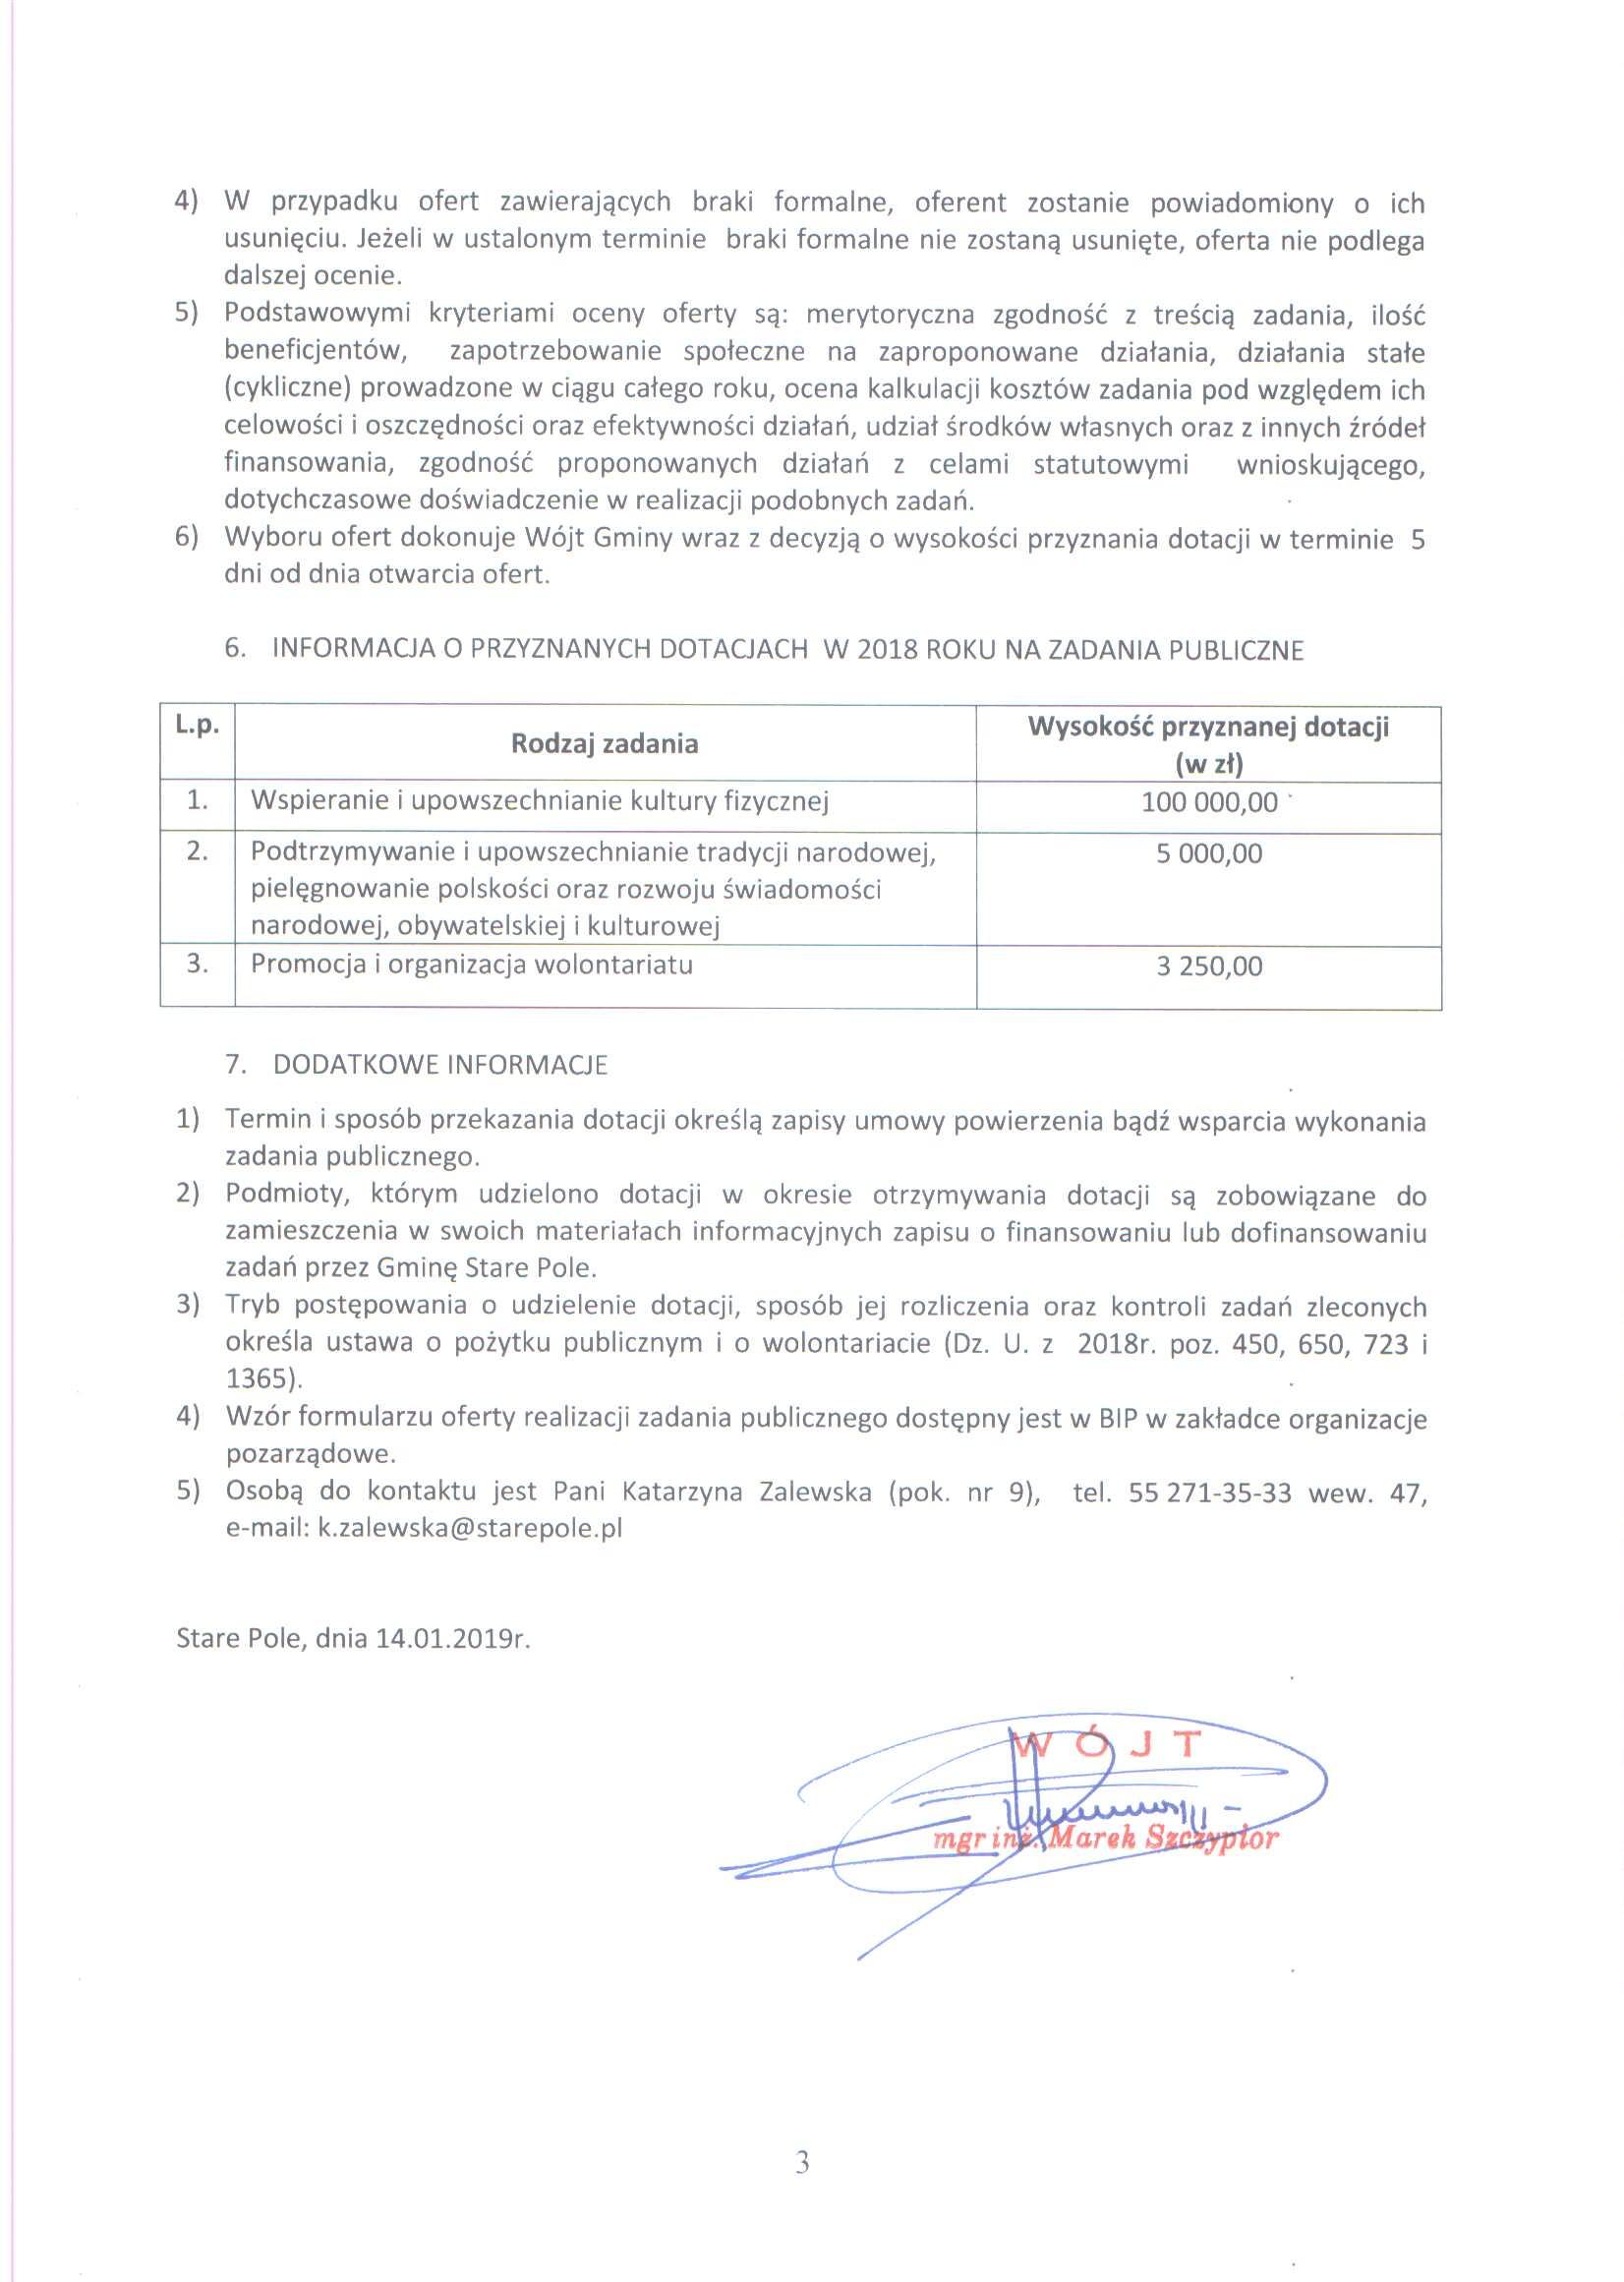 Ogłoszenie z dnia 14 stycznia 2019 r. o otwartym konkursie ofert - str. 3